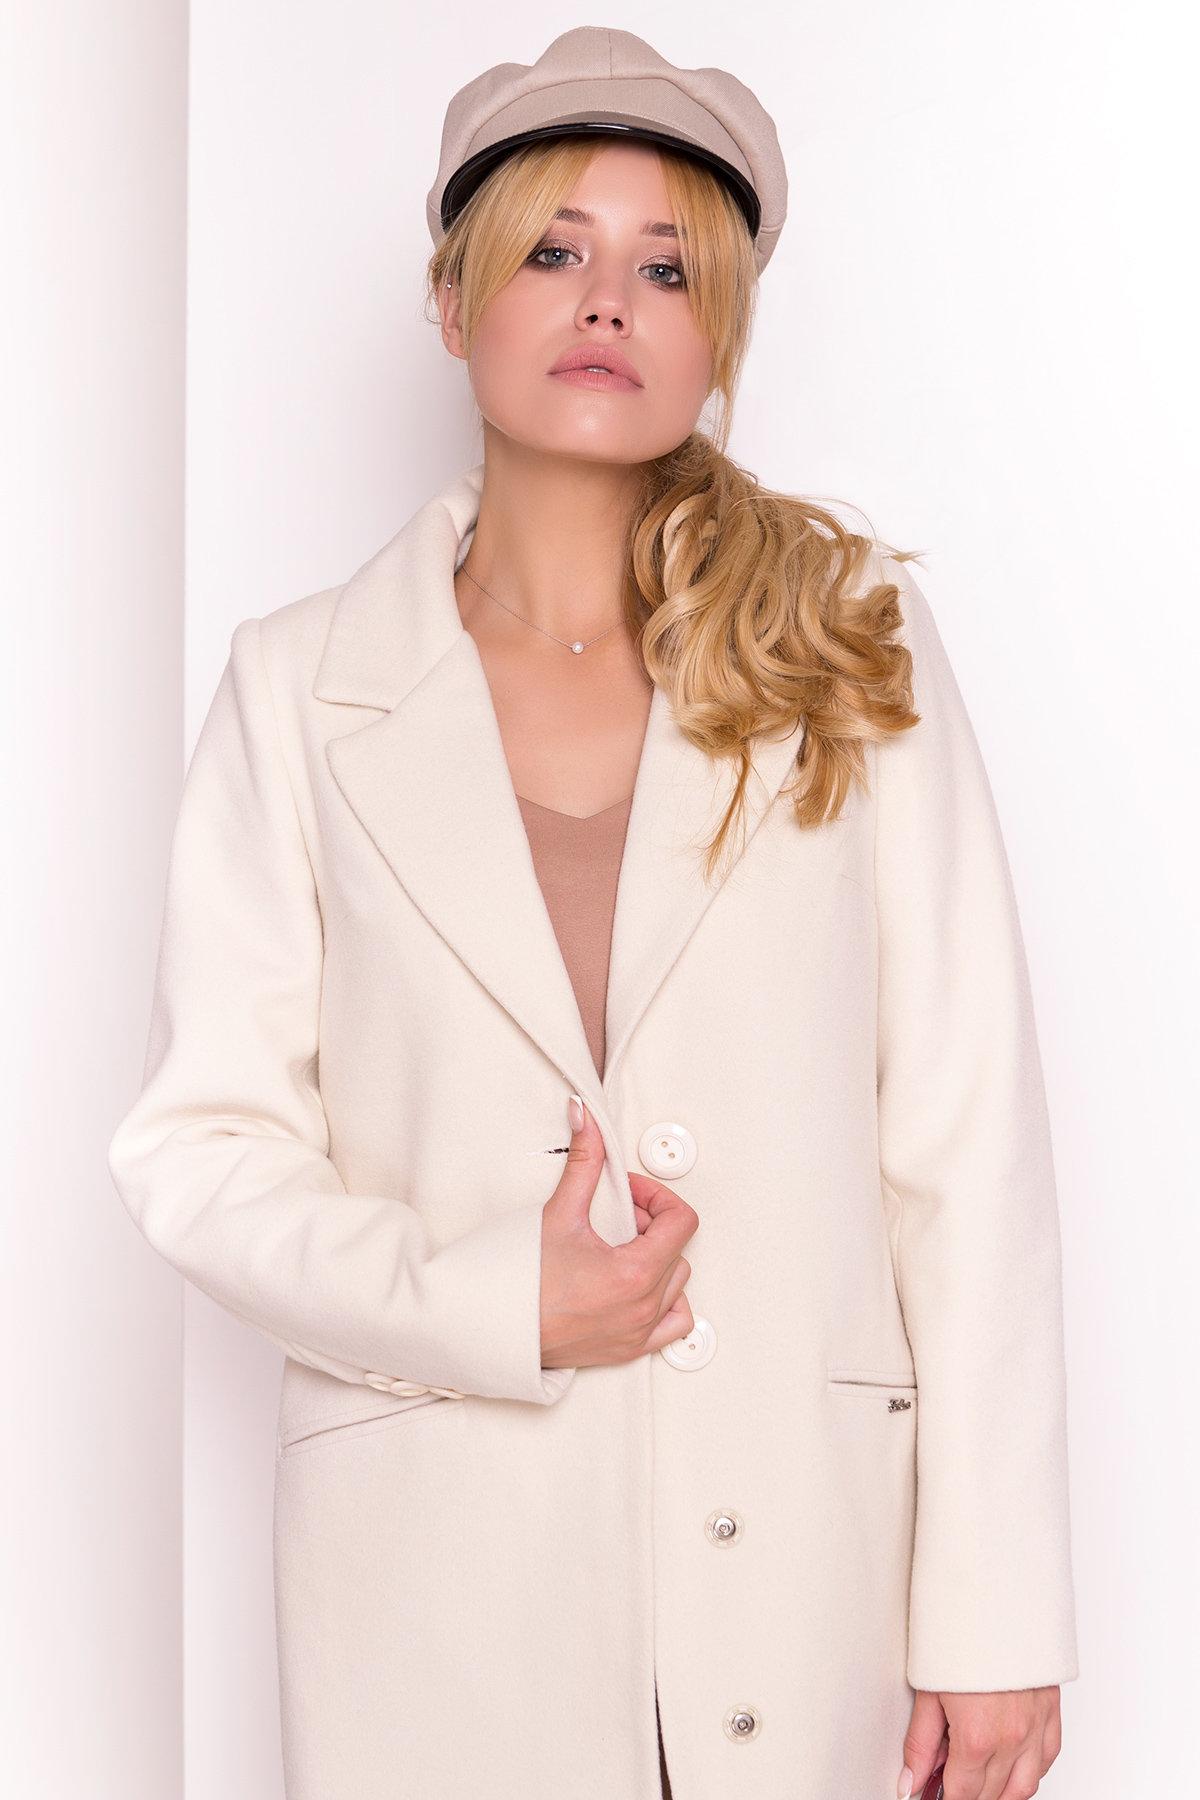 Пальто Кайра 1986 АРТ. 13671 Цвет: Светло-бежевый - фото 2, интернет магазин tm-modus.ru